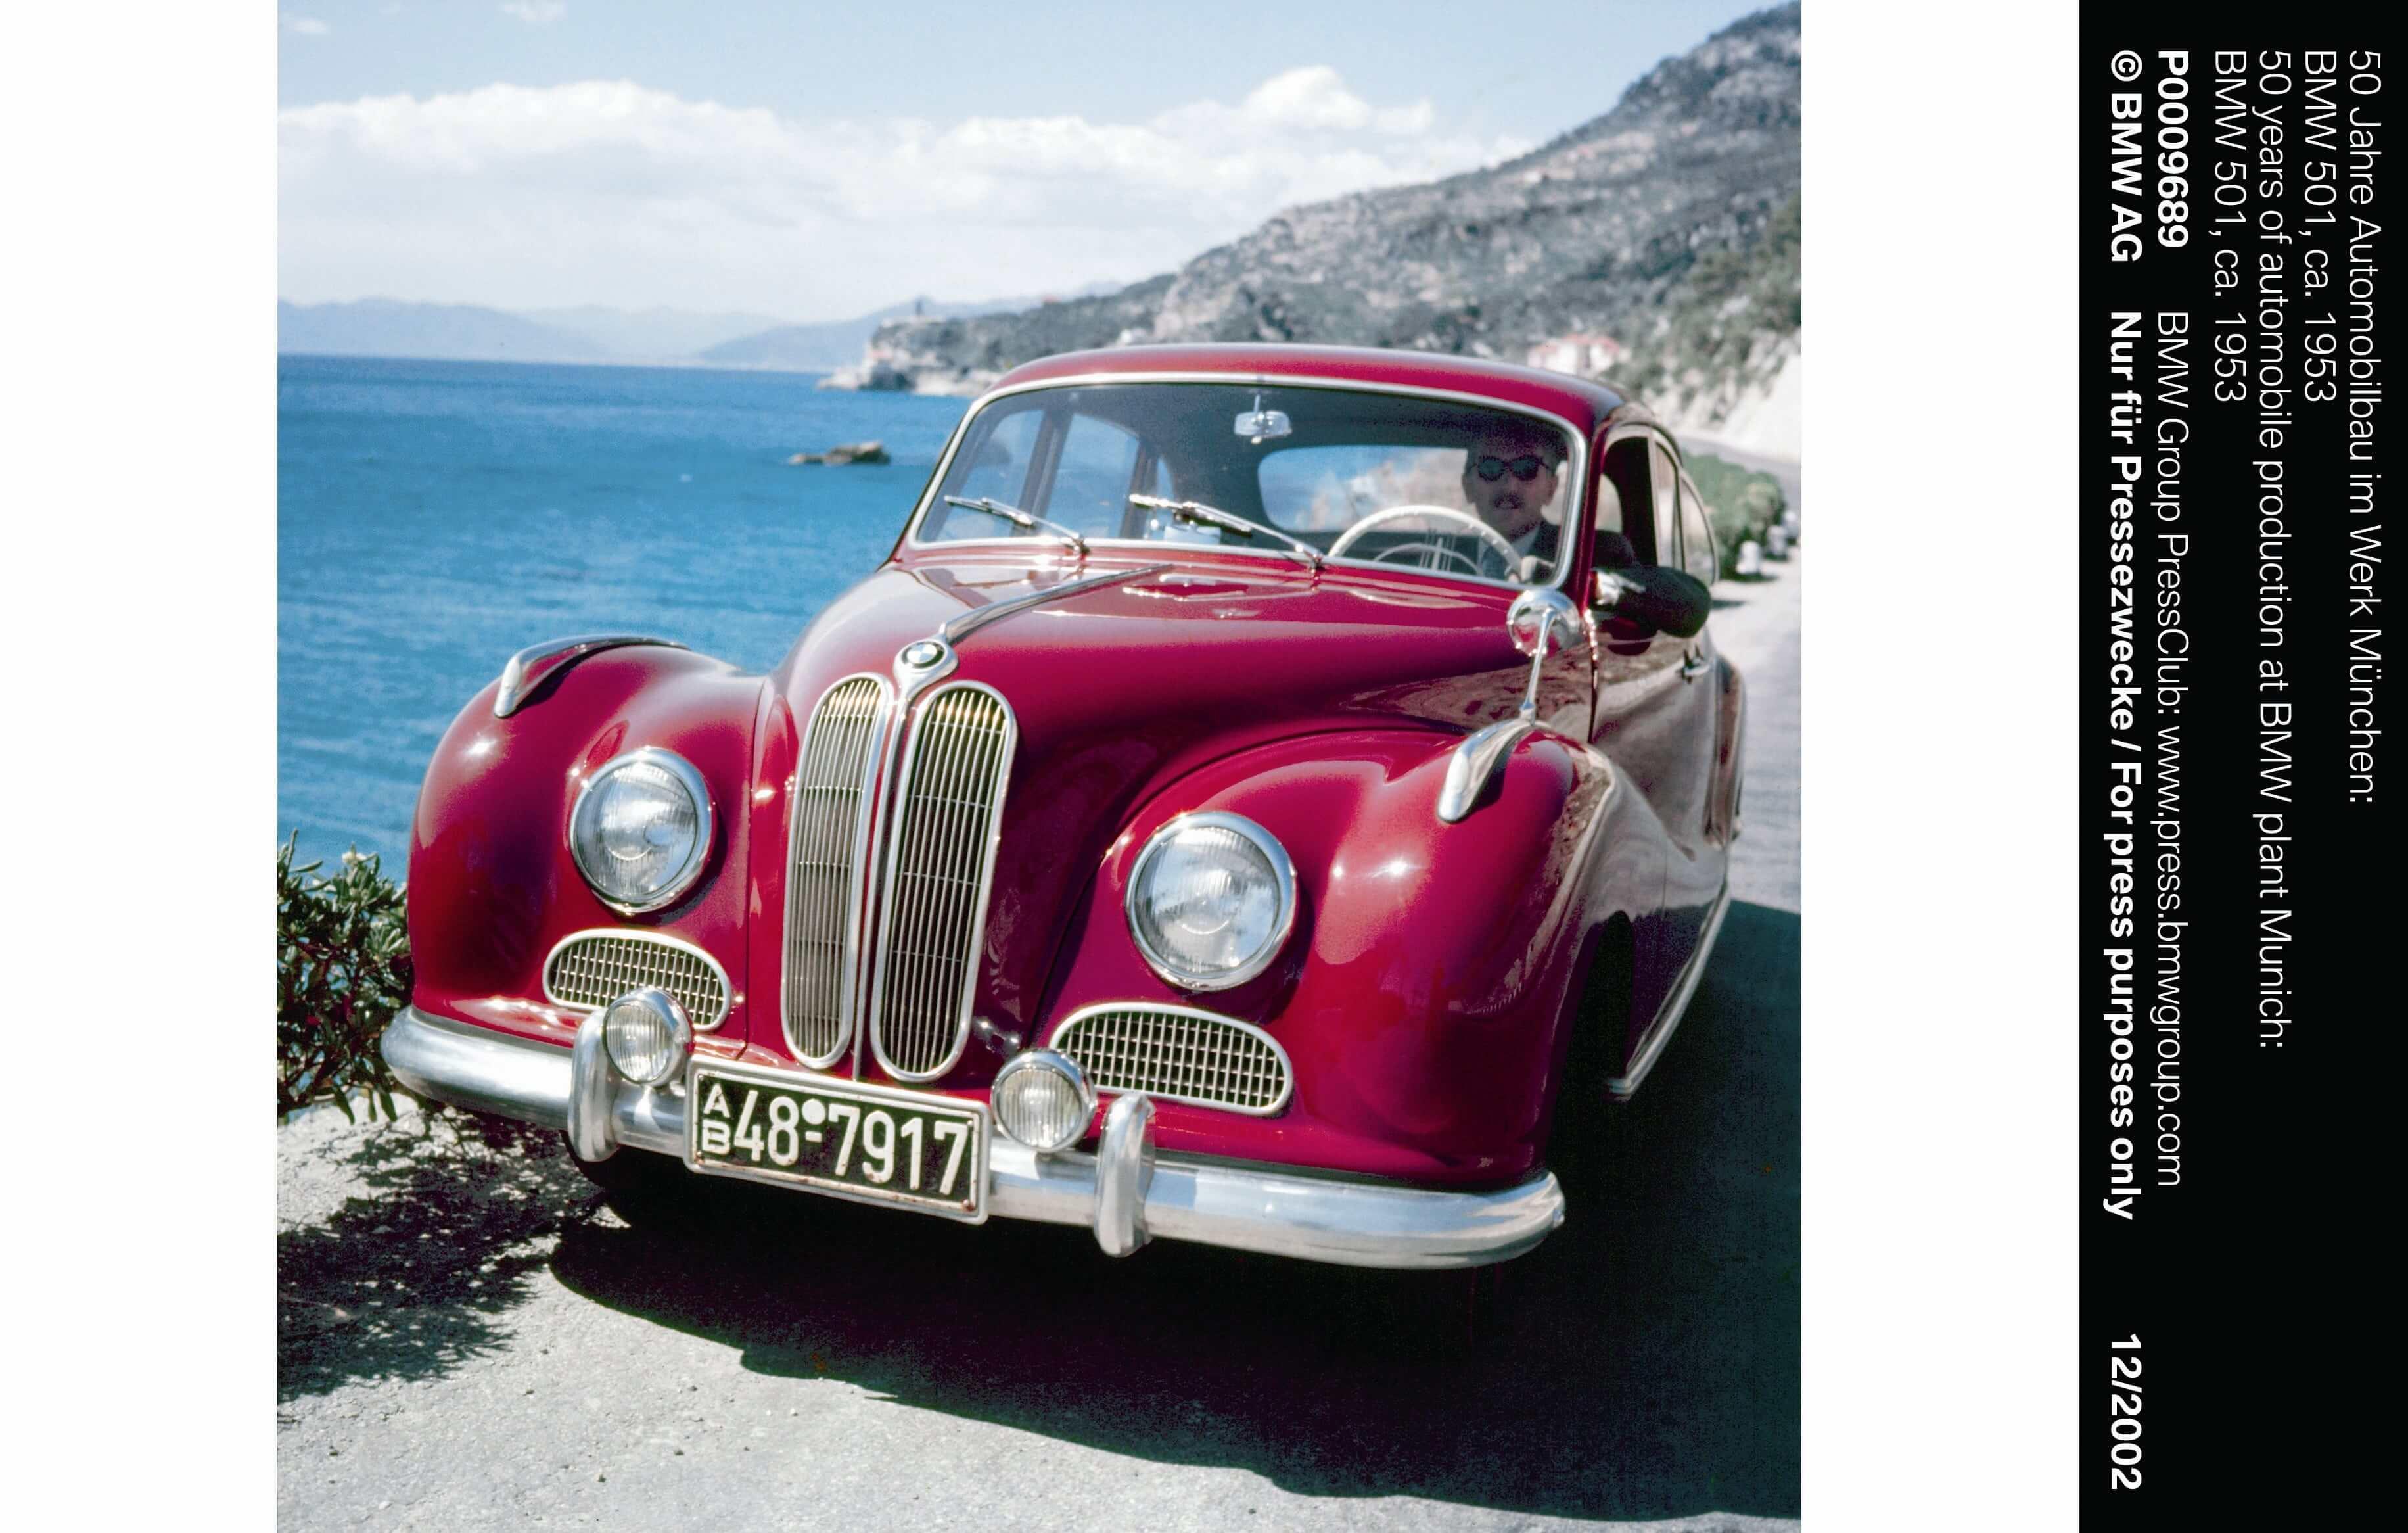 BMW Geschiedenis 501